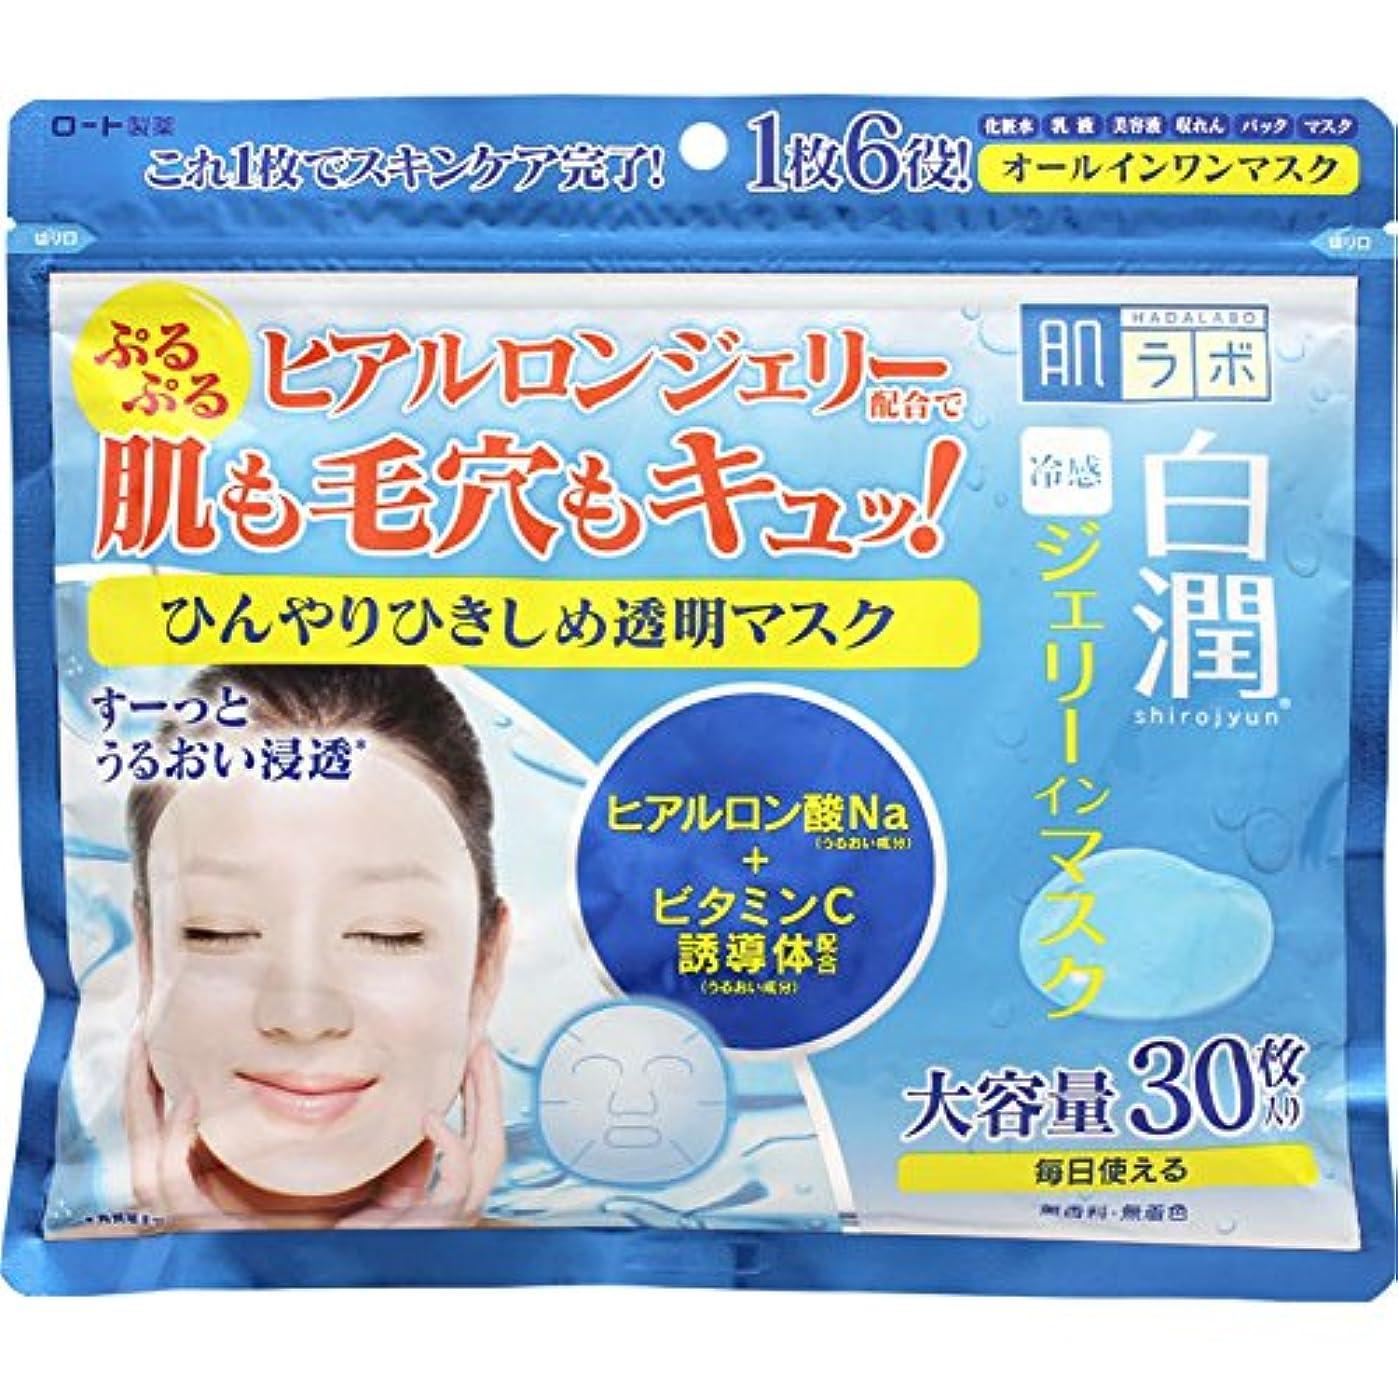 移住するパンフレット瞑想的肌ラボ 白潤 冷感ジェリーインマスク 化粧水?乳液?美容液?収れん?パック?マスクの1枚6役 大容量30枚